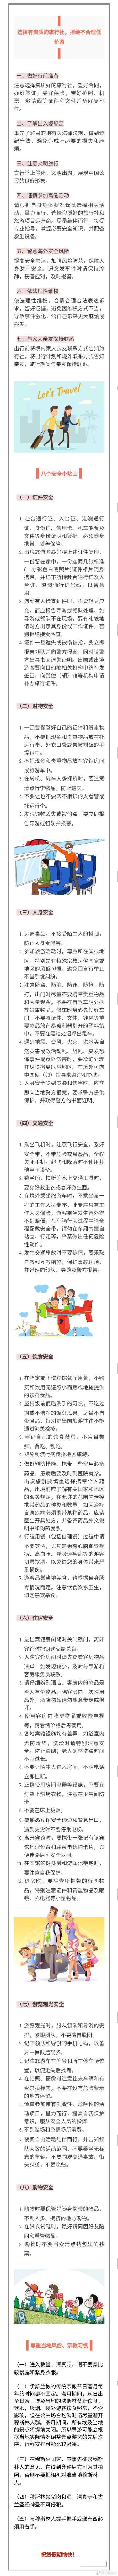 春节临近,许多朋友会在春节期间选择出境游,